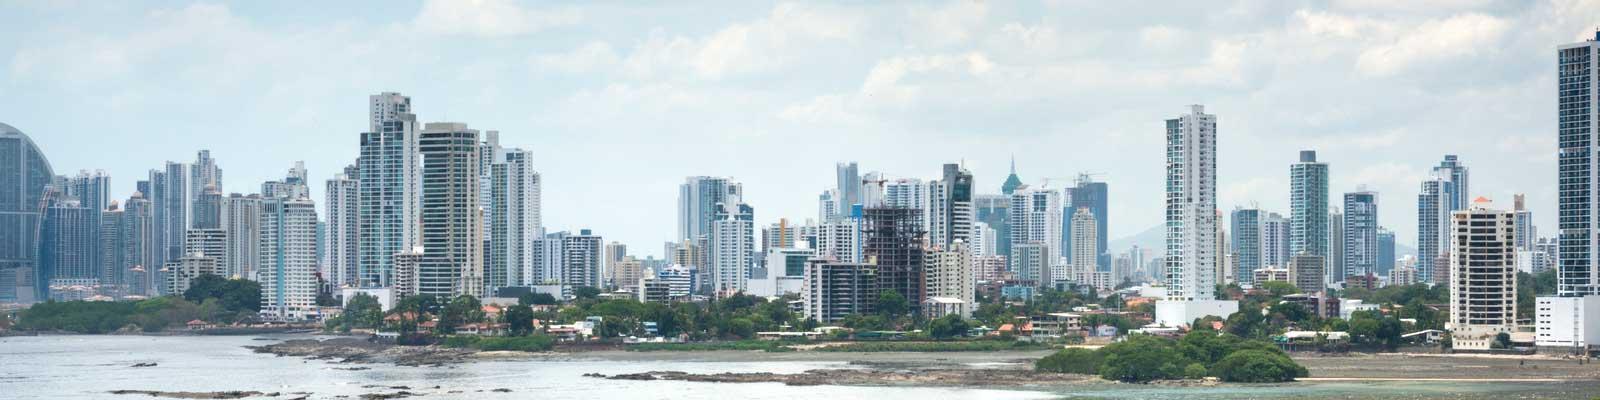 Panama Paisagem Cidade e Mar Apartamentos, feriados, Luxo.